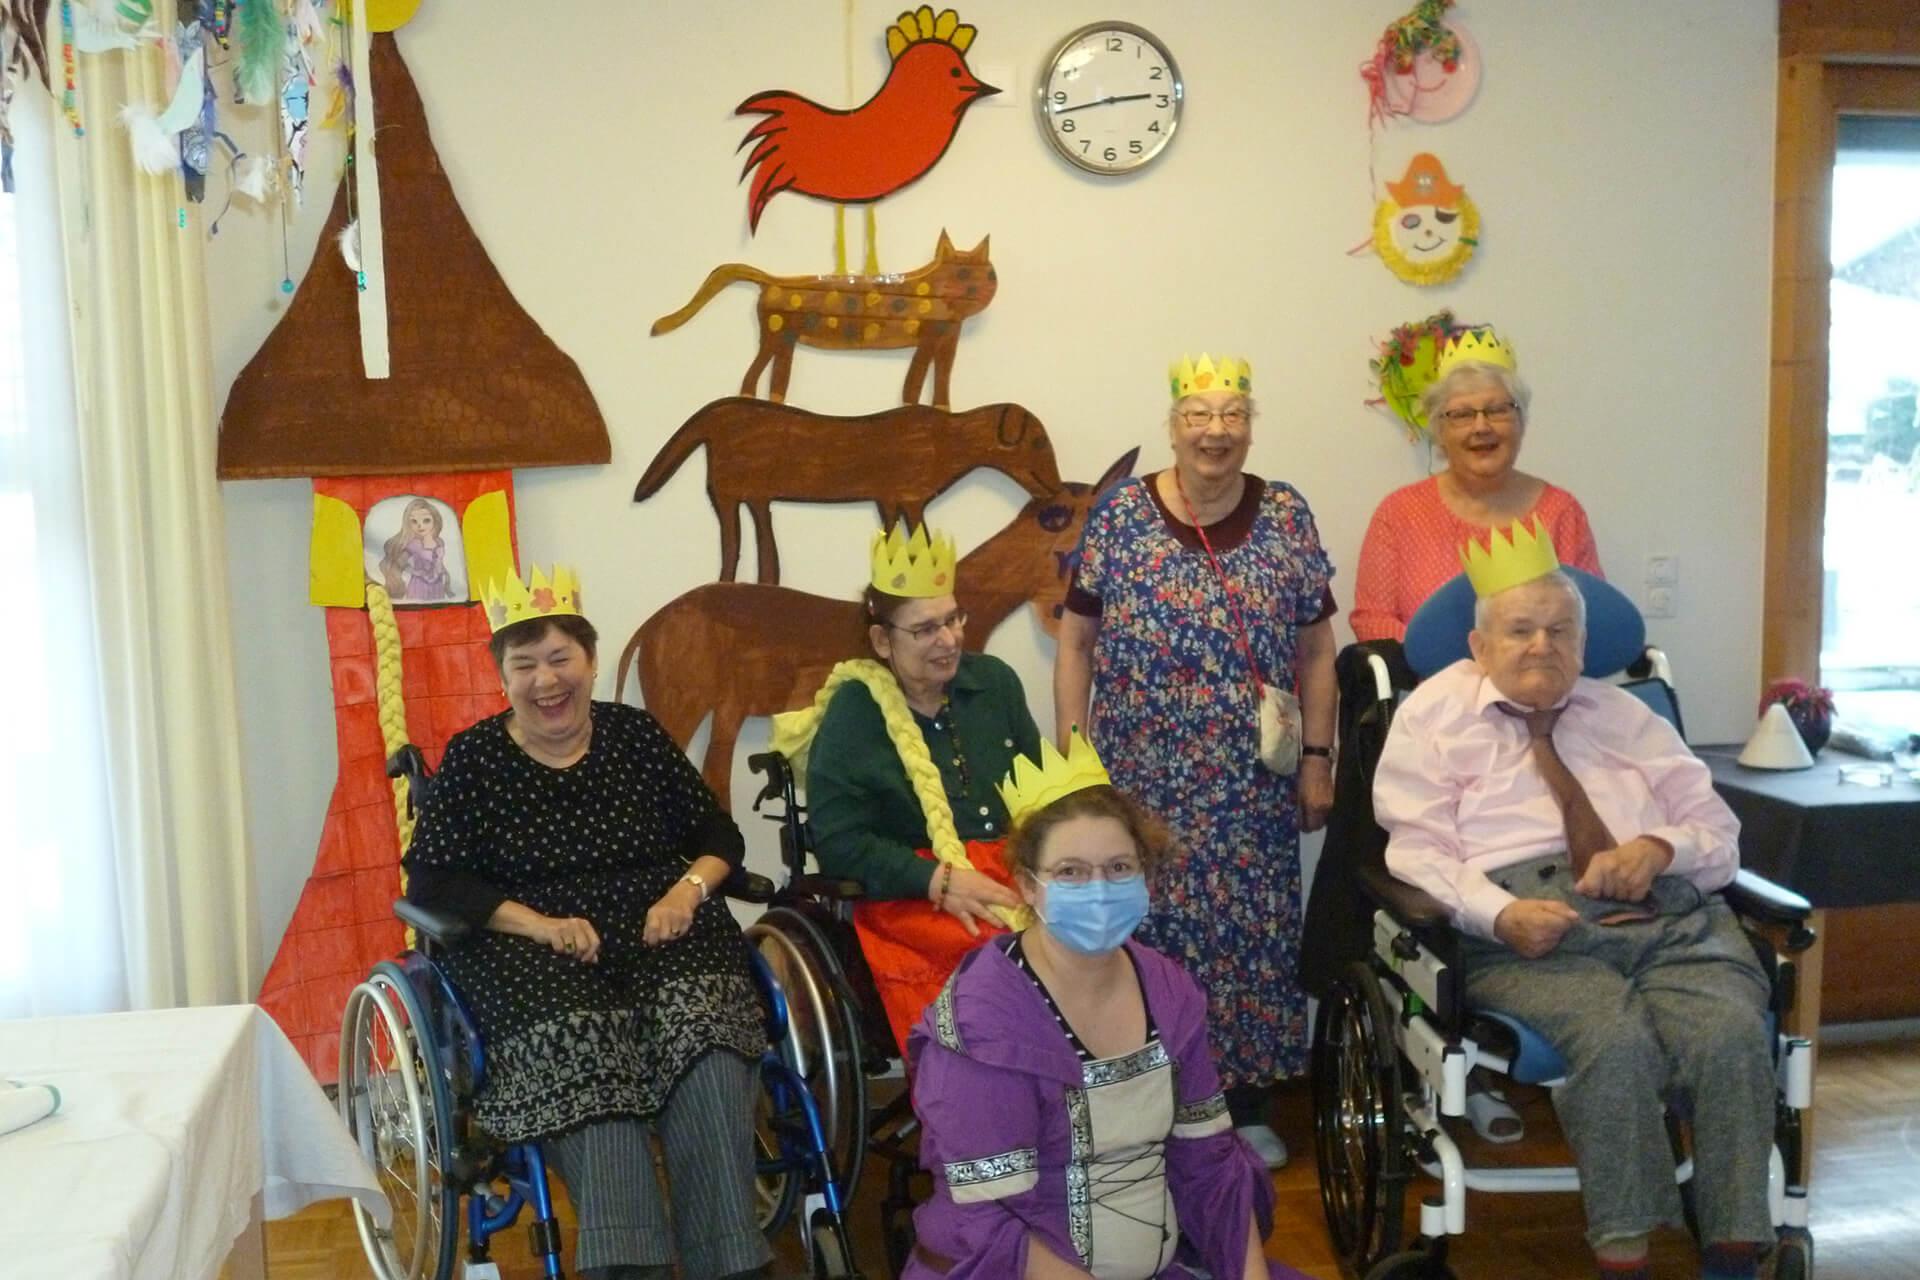 Wohngruppe der Martin Stiftung verkleidet für Fasnacht als Märchenkönige. Im Hintergrund ist Zeichnung von den Bremer Stadtmusikanten und Rapunzel an der Wand.